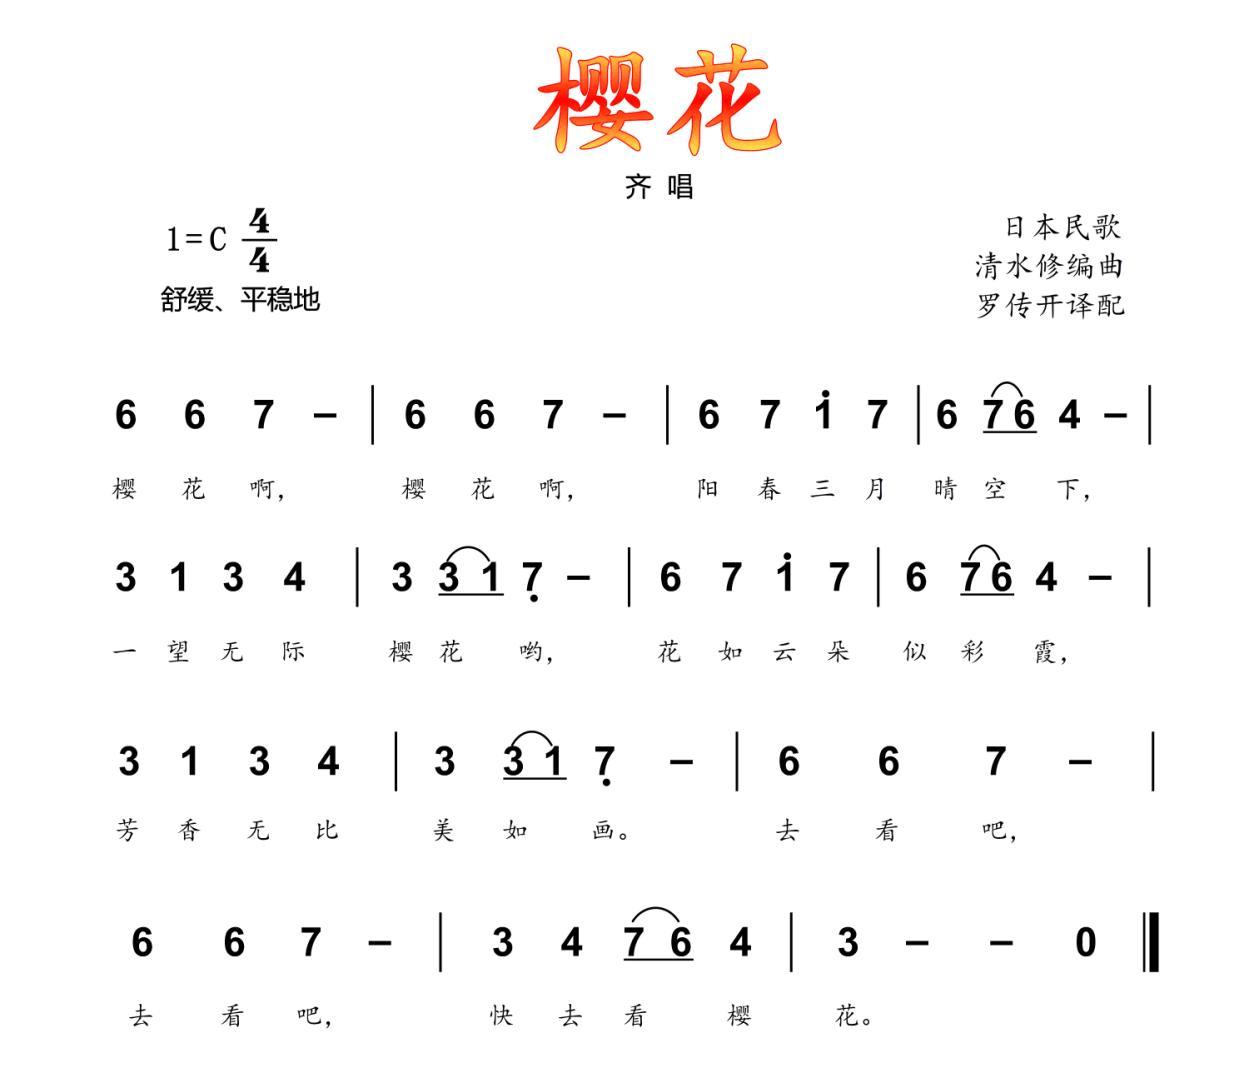 人音社音乐年级《樱花》八课件下(初中)免费下载语文教案人教年级简谱版二图片